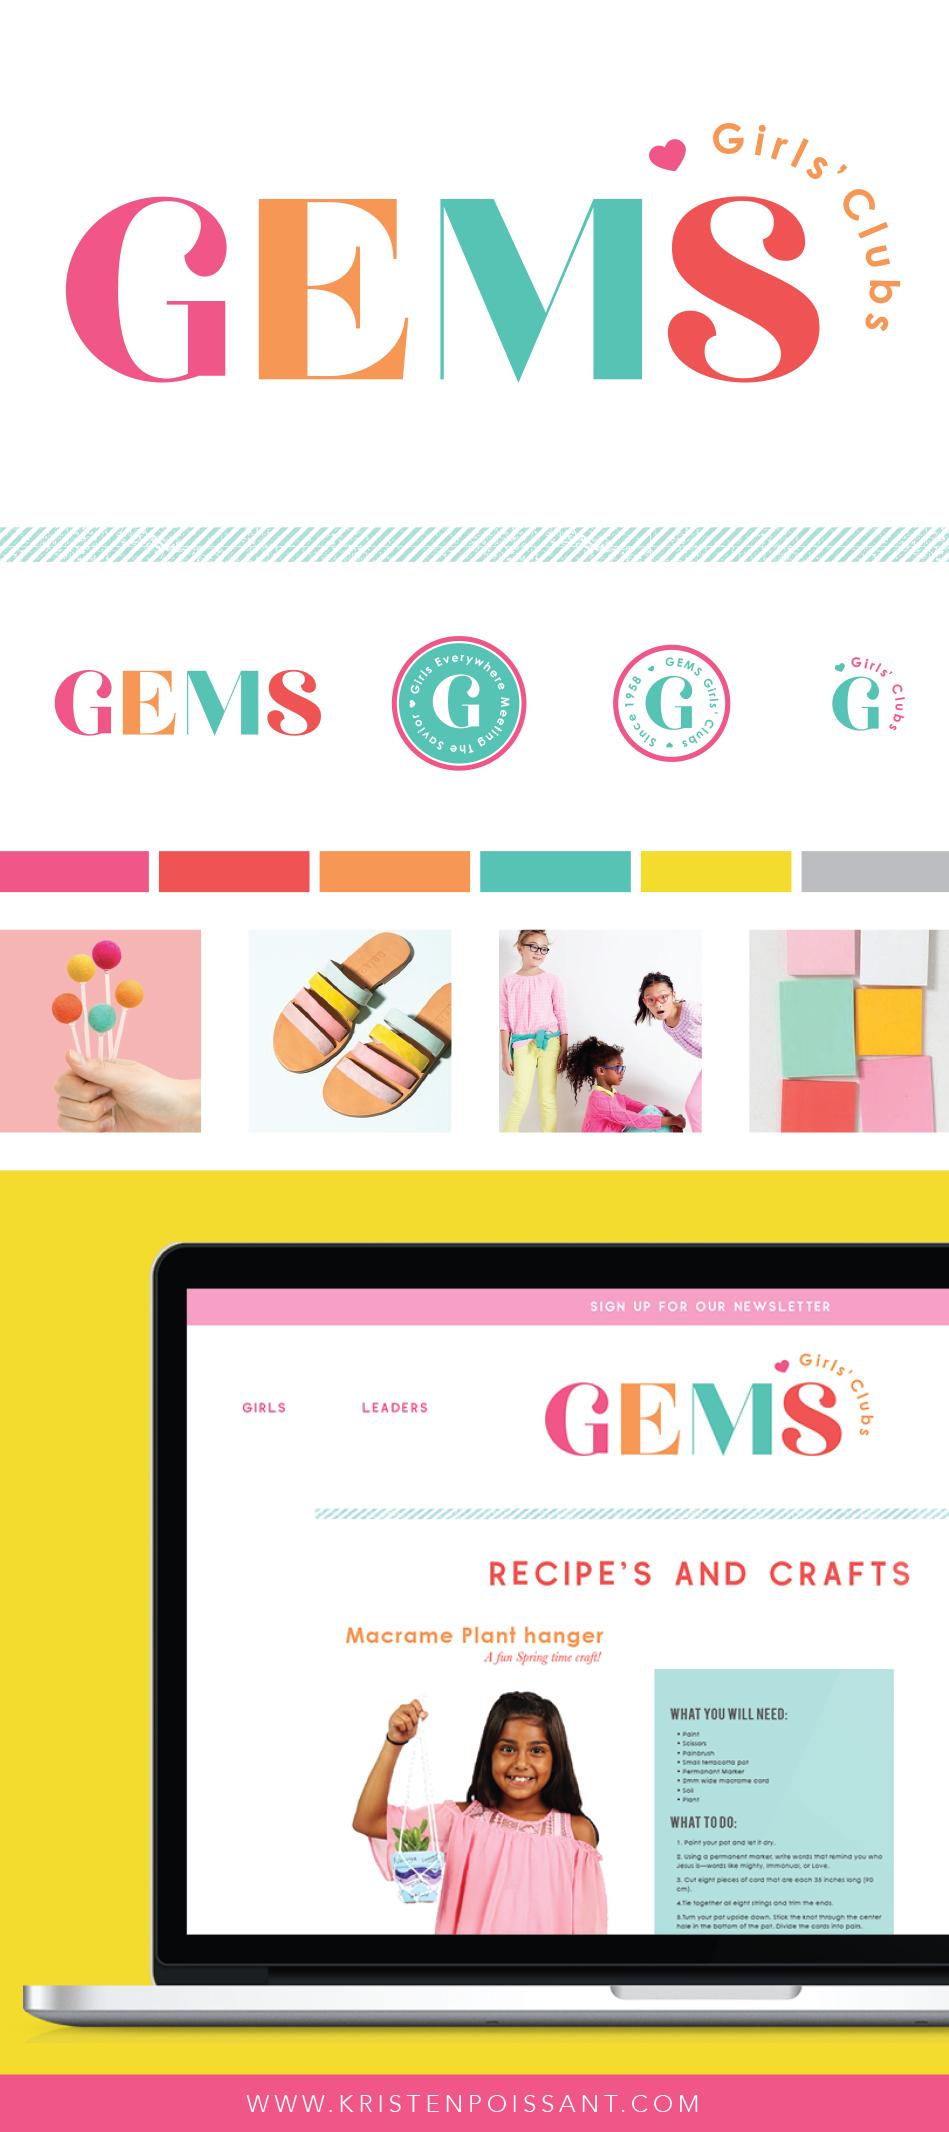 Branding-for-gems-girls-club-by-new-york-brand-and-logo-designer-kristen-poissant.jpg